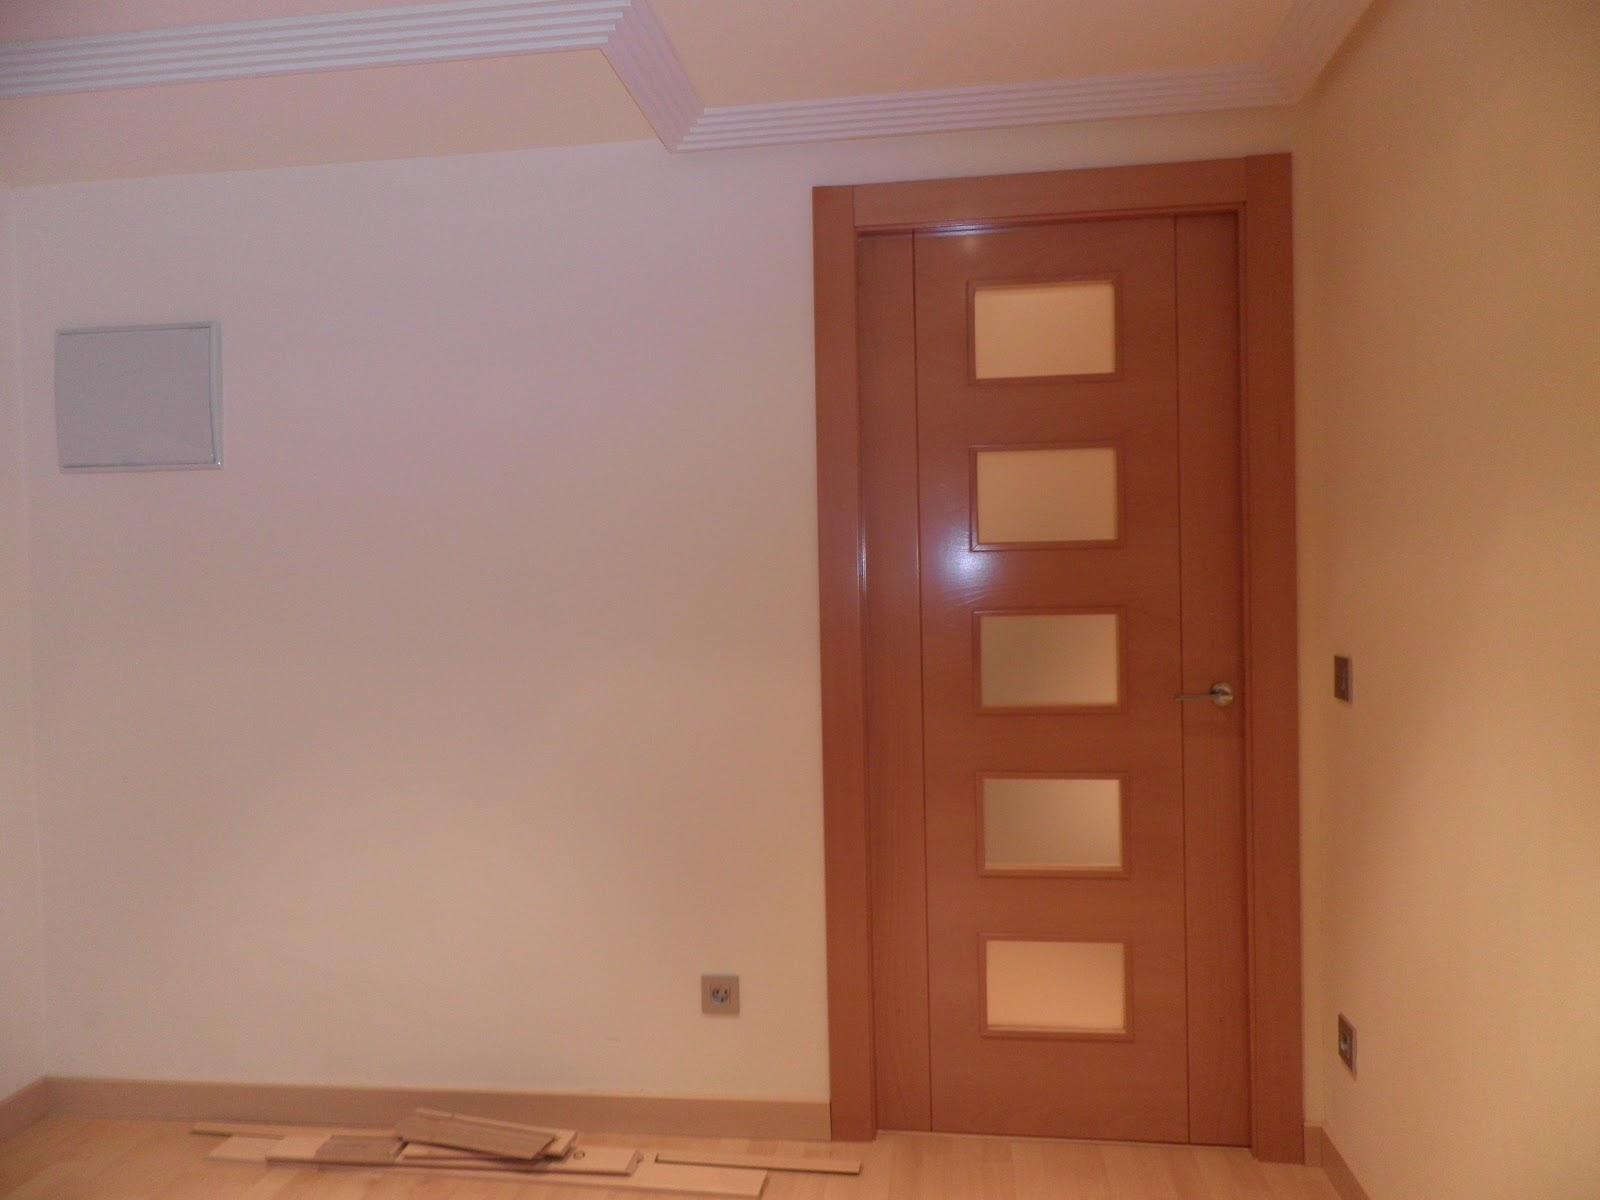 actualiando la decoracion con puertas actuales.